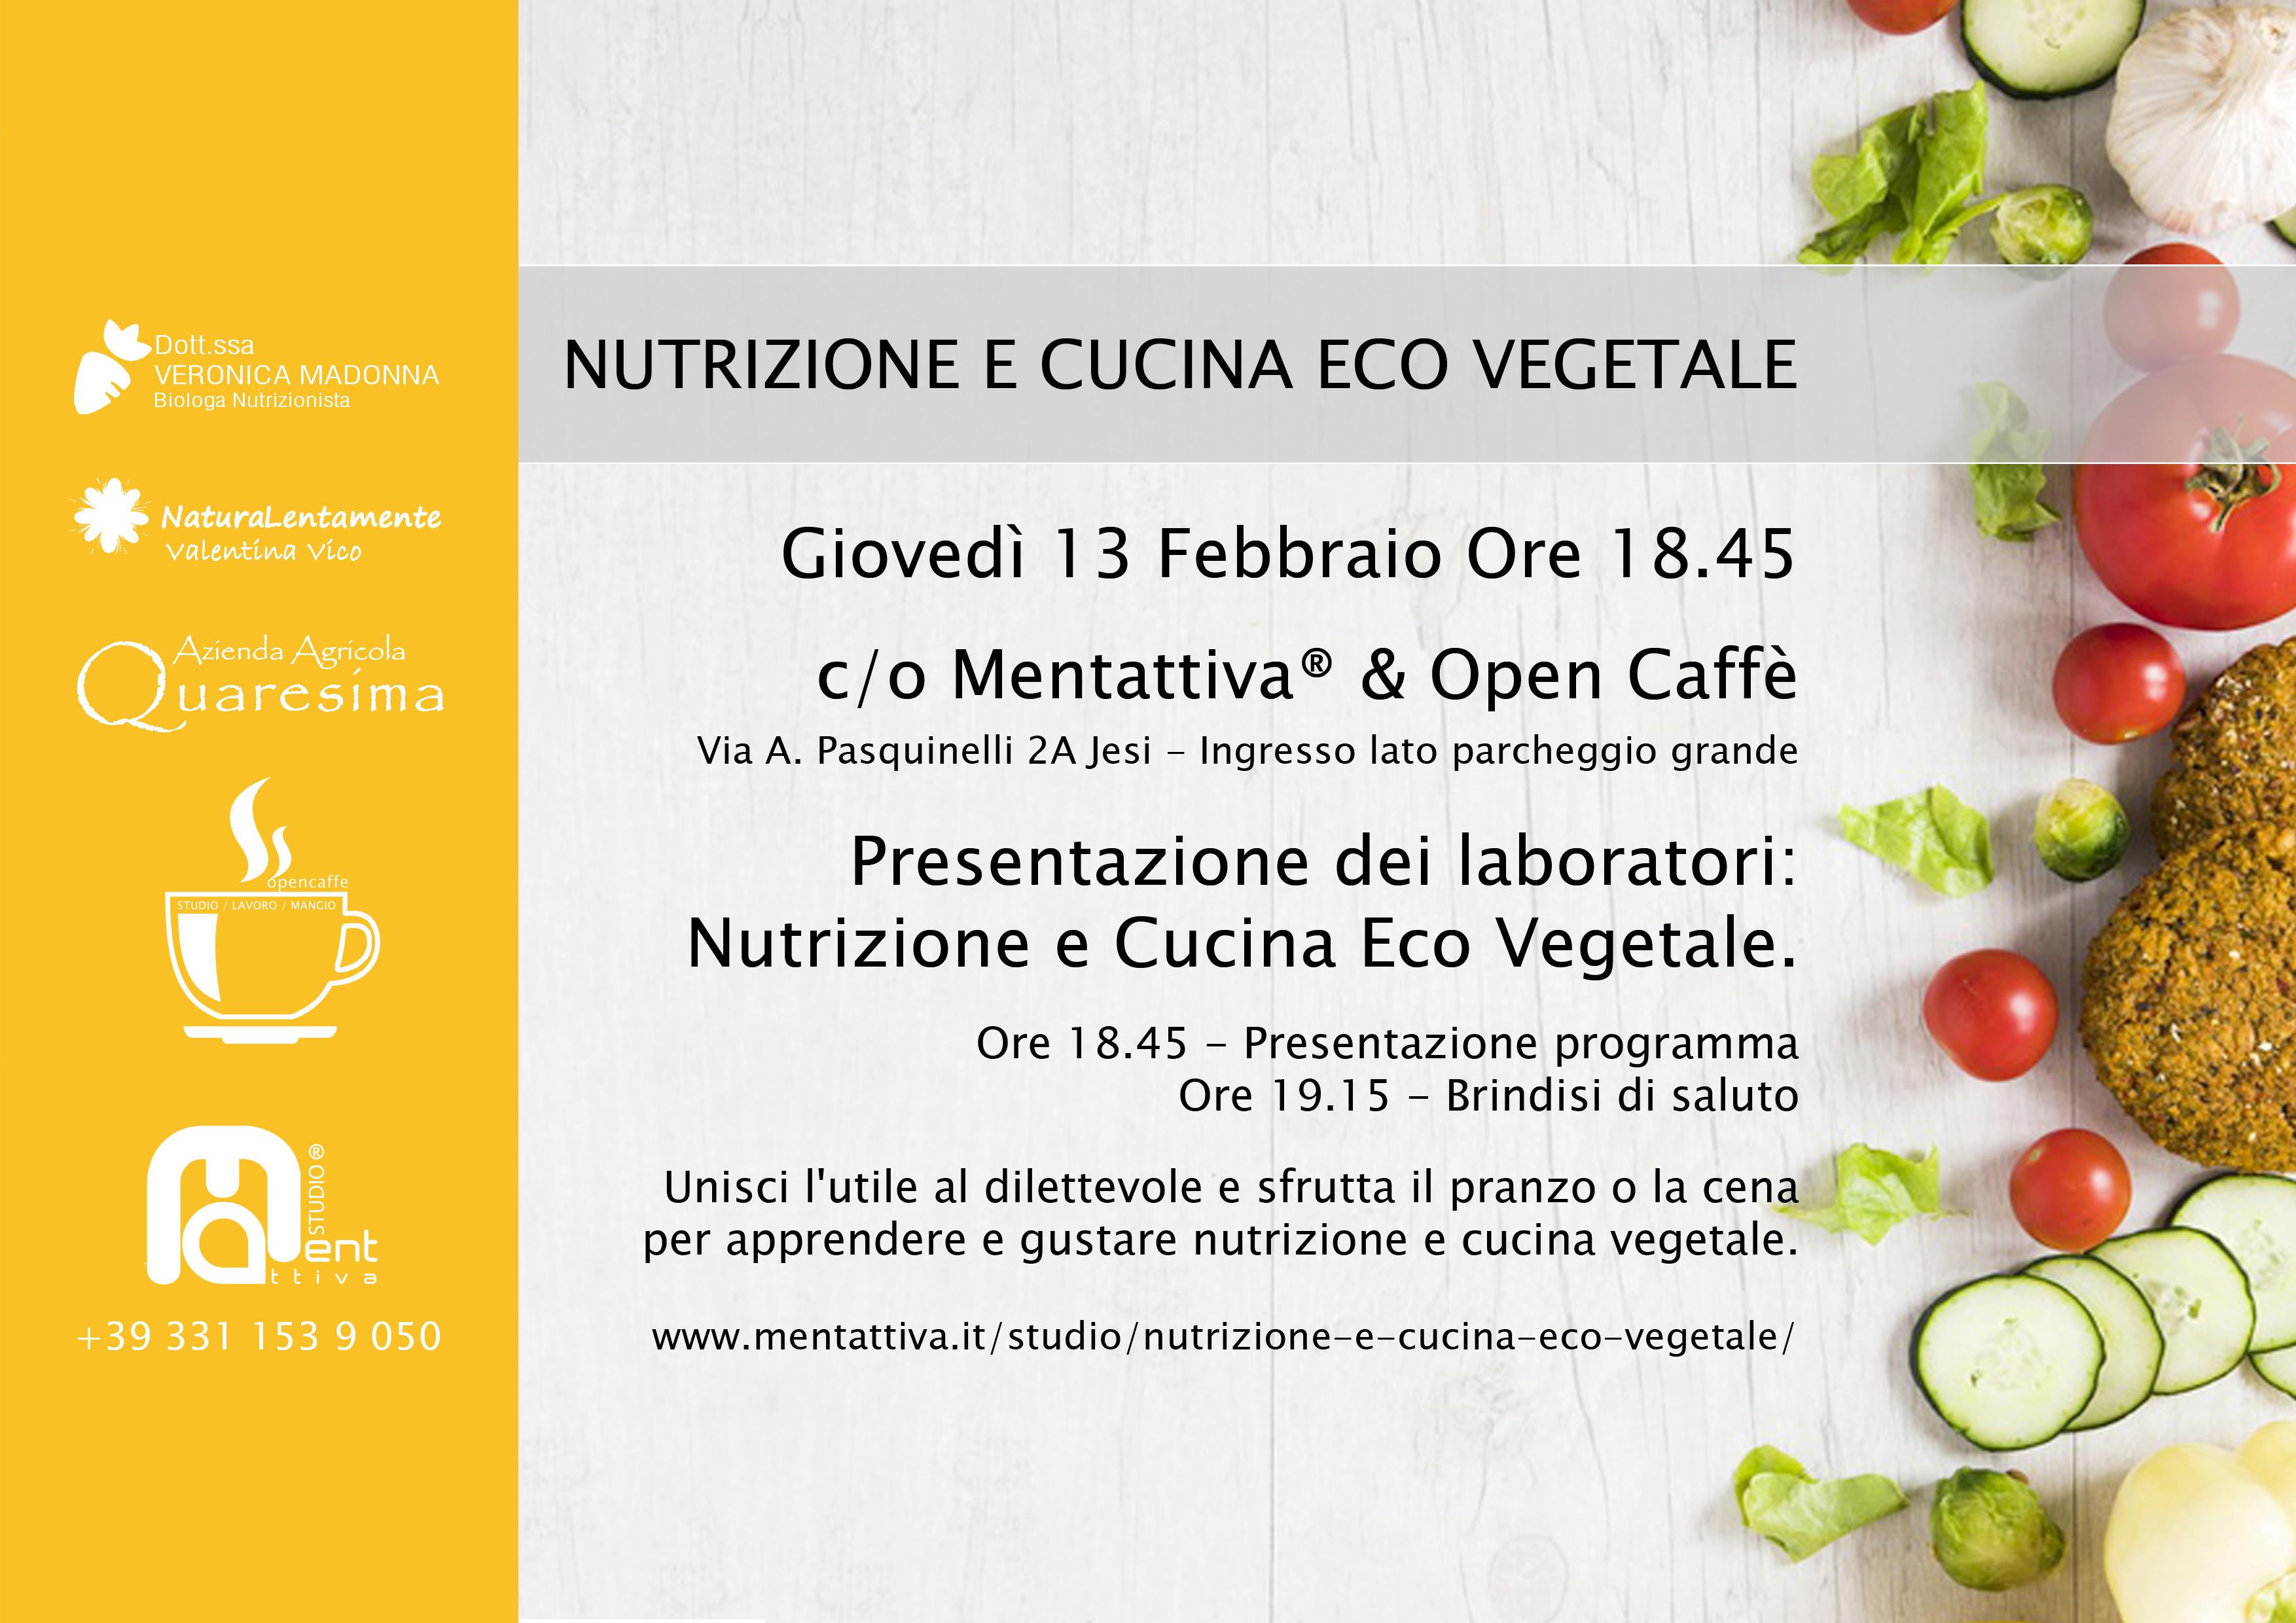 Flayer dell'evento Nutrizione e Cucina Eco Vegetale